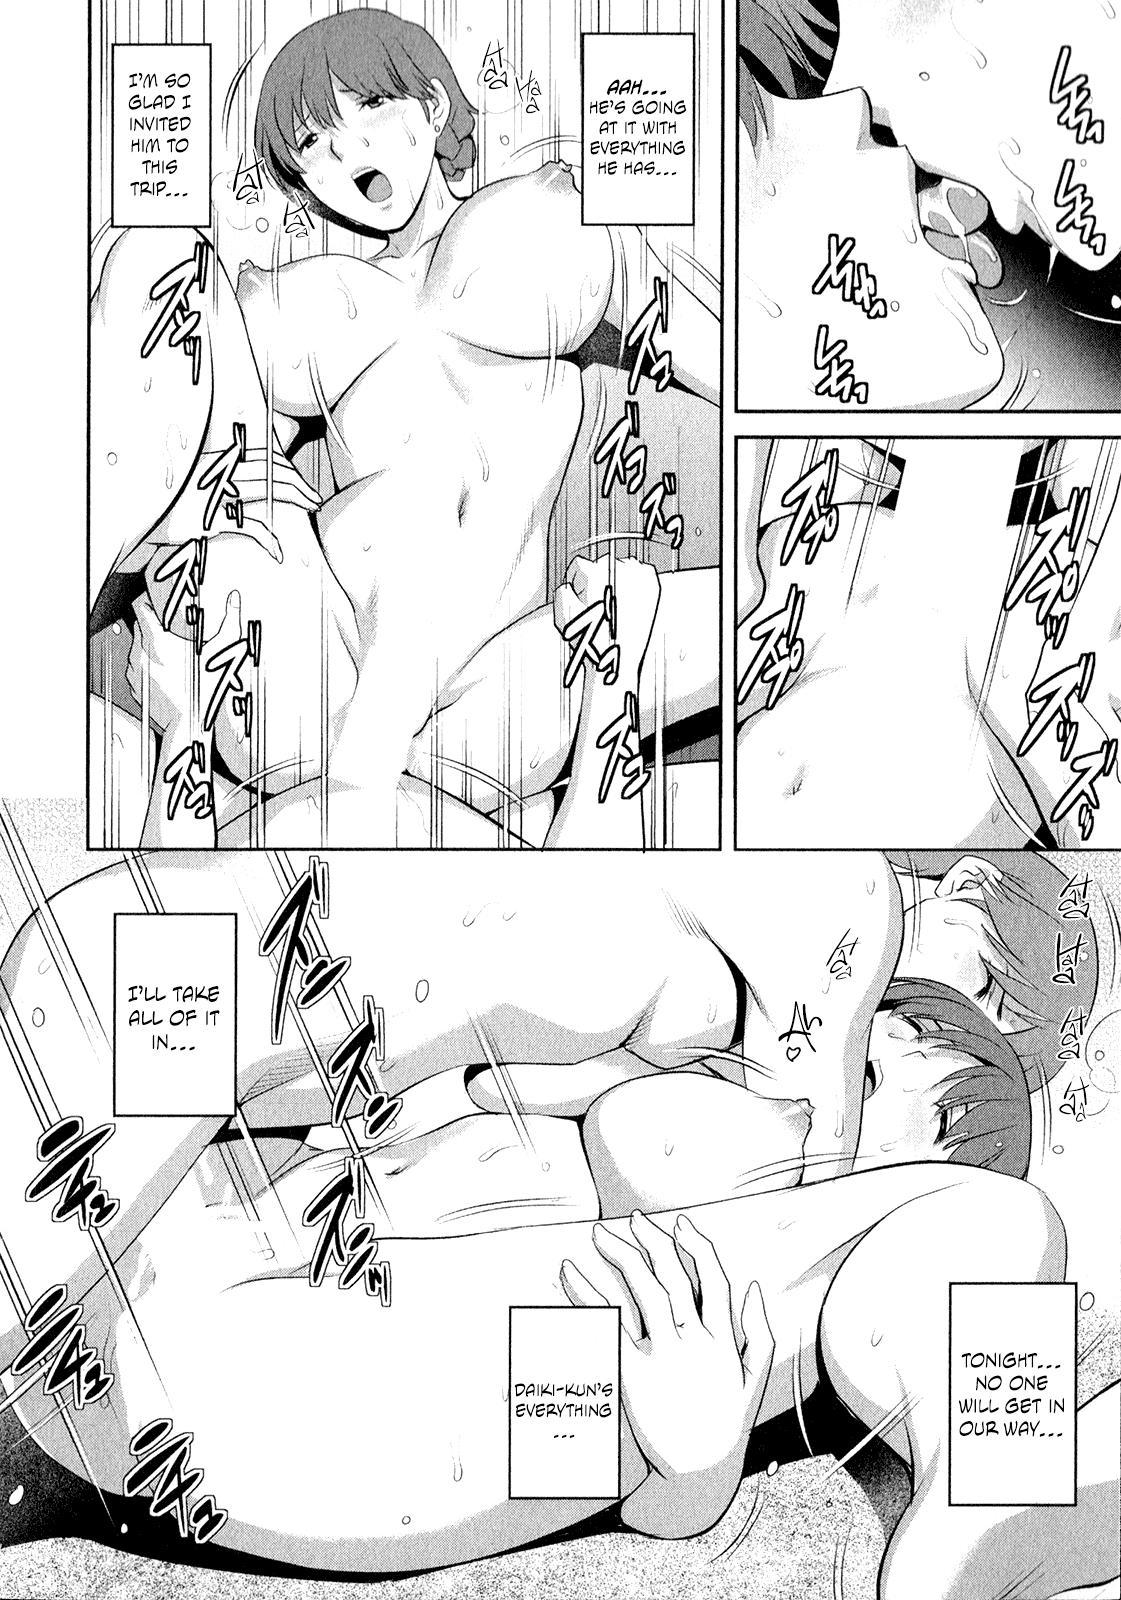 [Saigado] Hitozuma Audrey-san no Himitsu ~30-sai kara no Furyou Tsuma Kouza~ - Vol. 2 [English] {Hennojin} 64